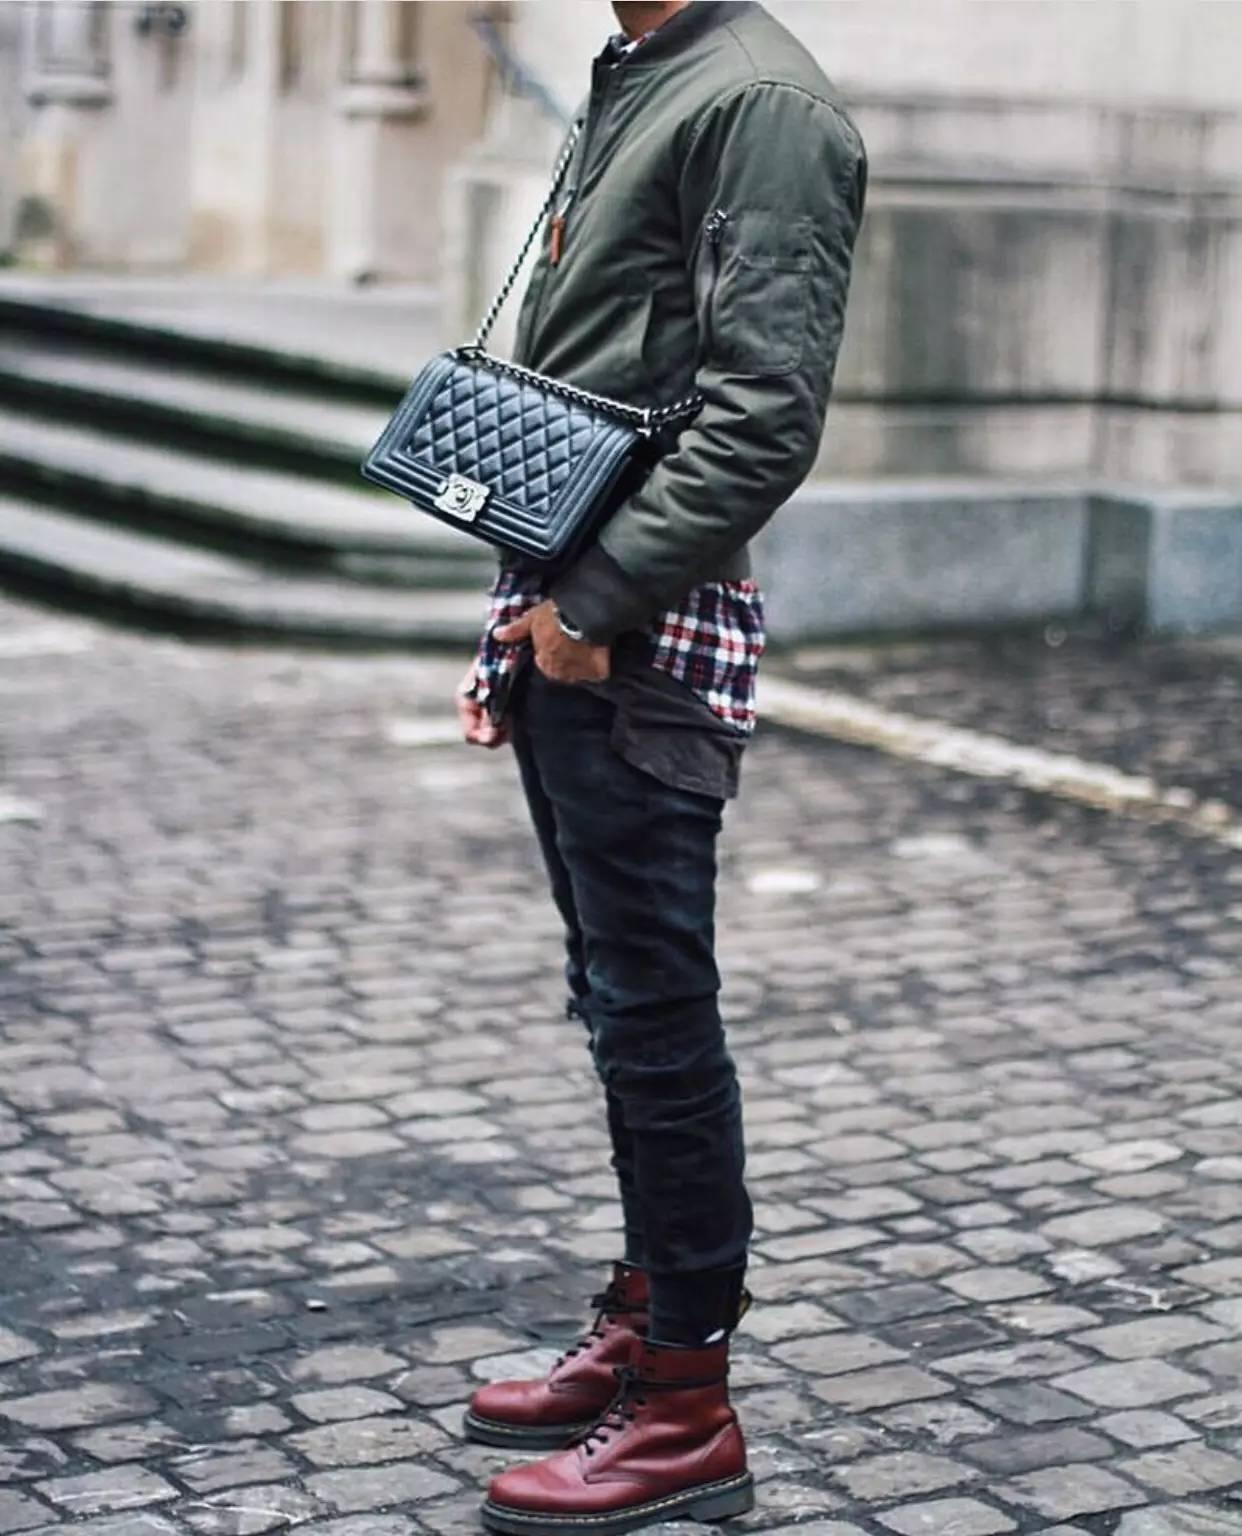 男人背小包真的就很娘吗?男士也很流行背小包 男士时尚 图24